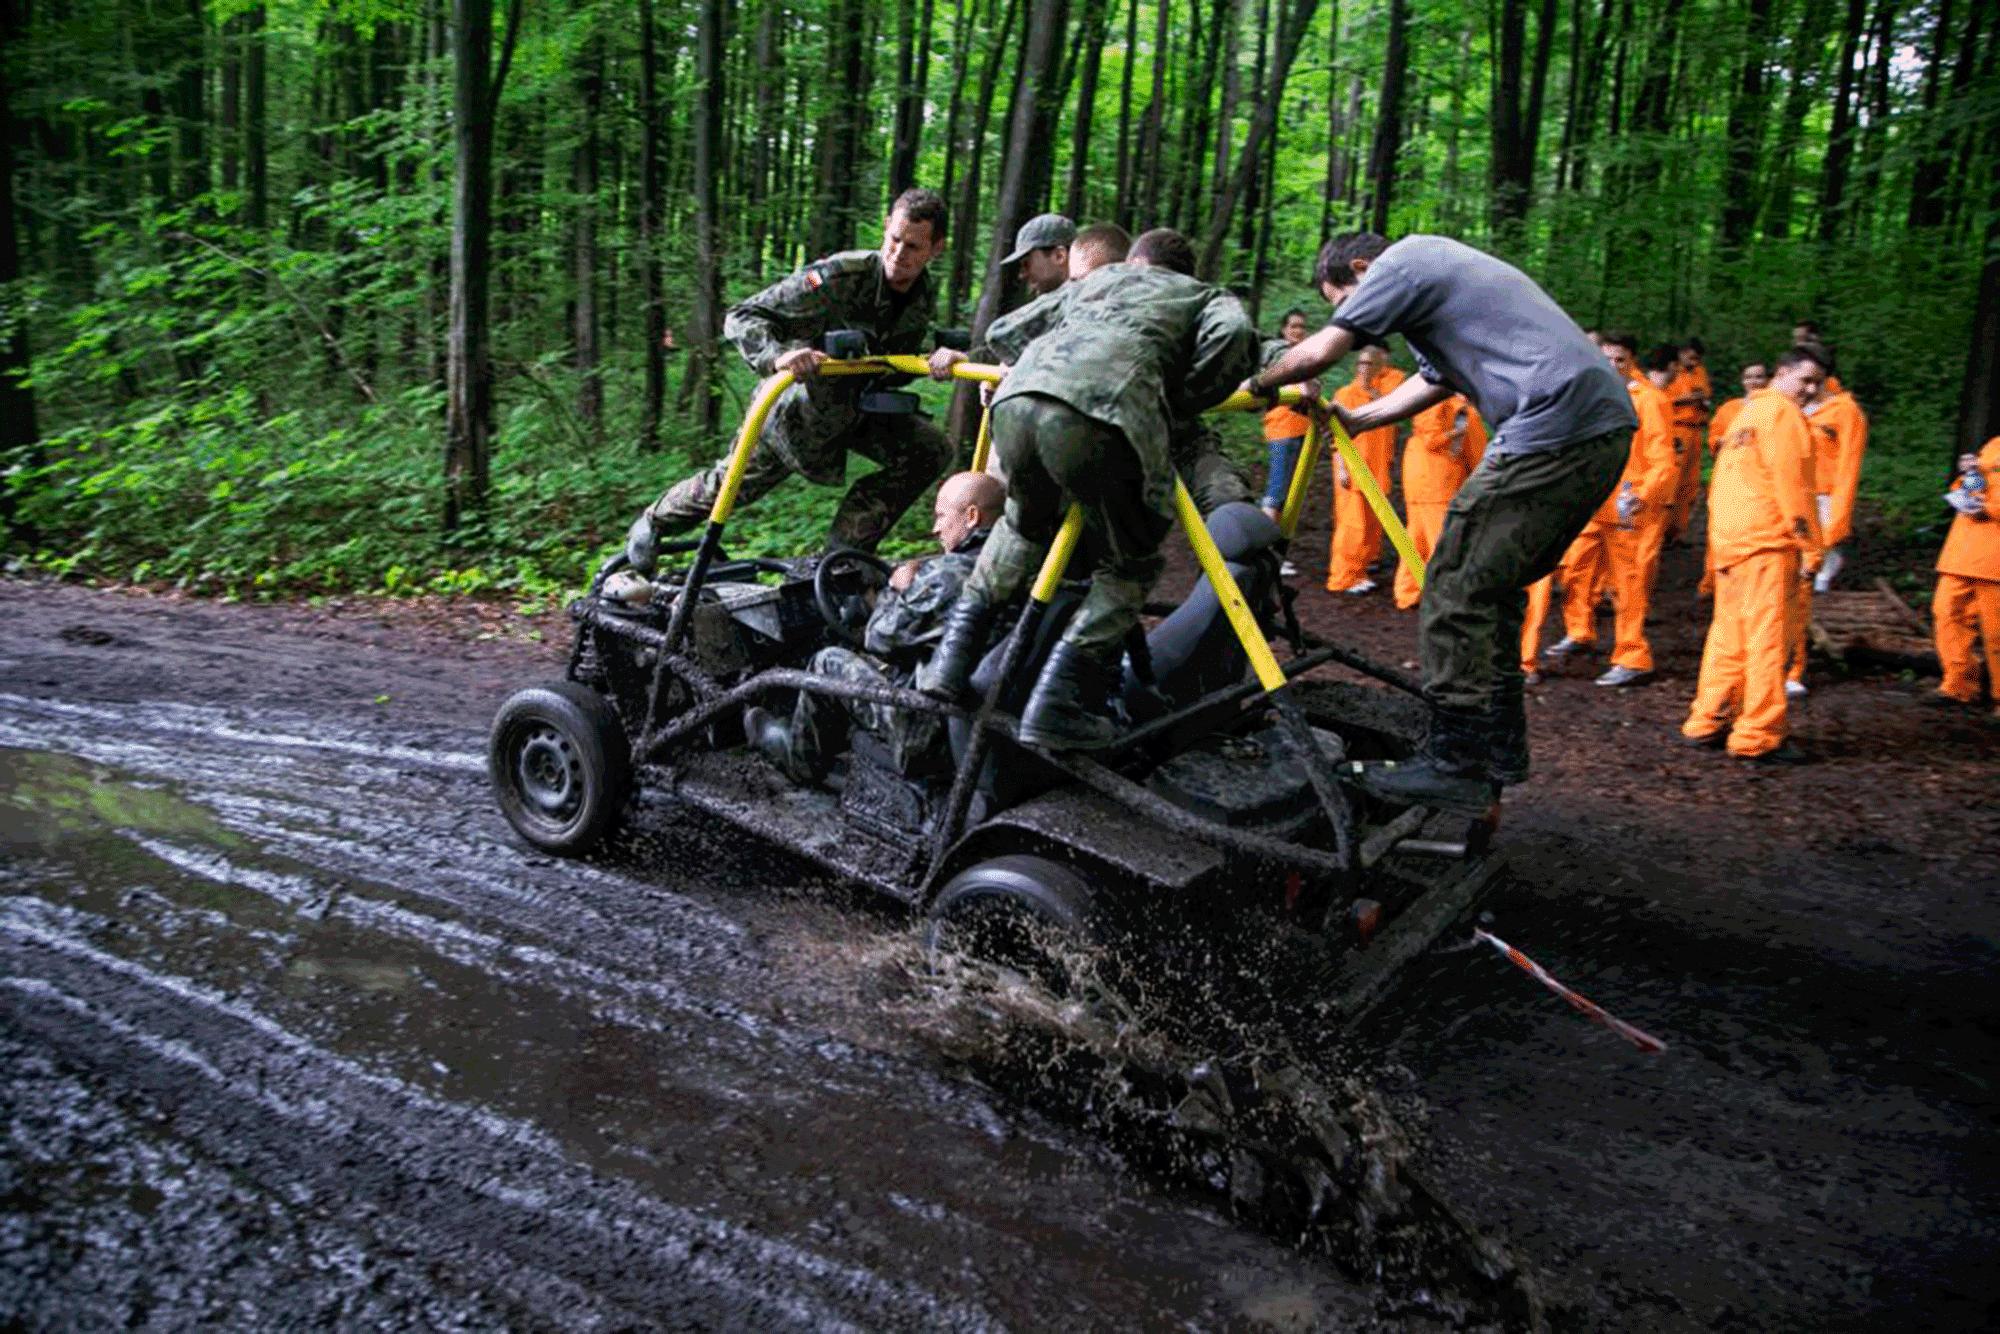 Rage buggies Warsaw on mud